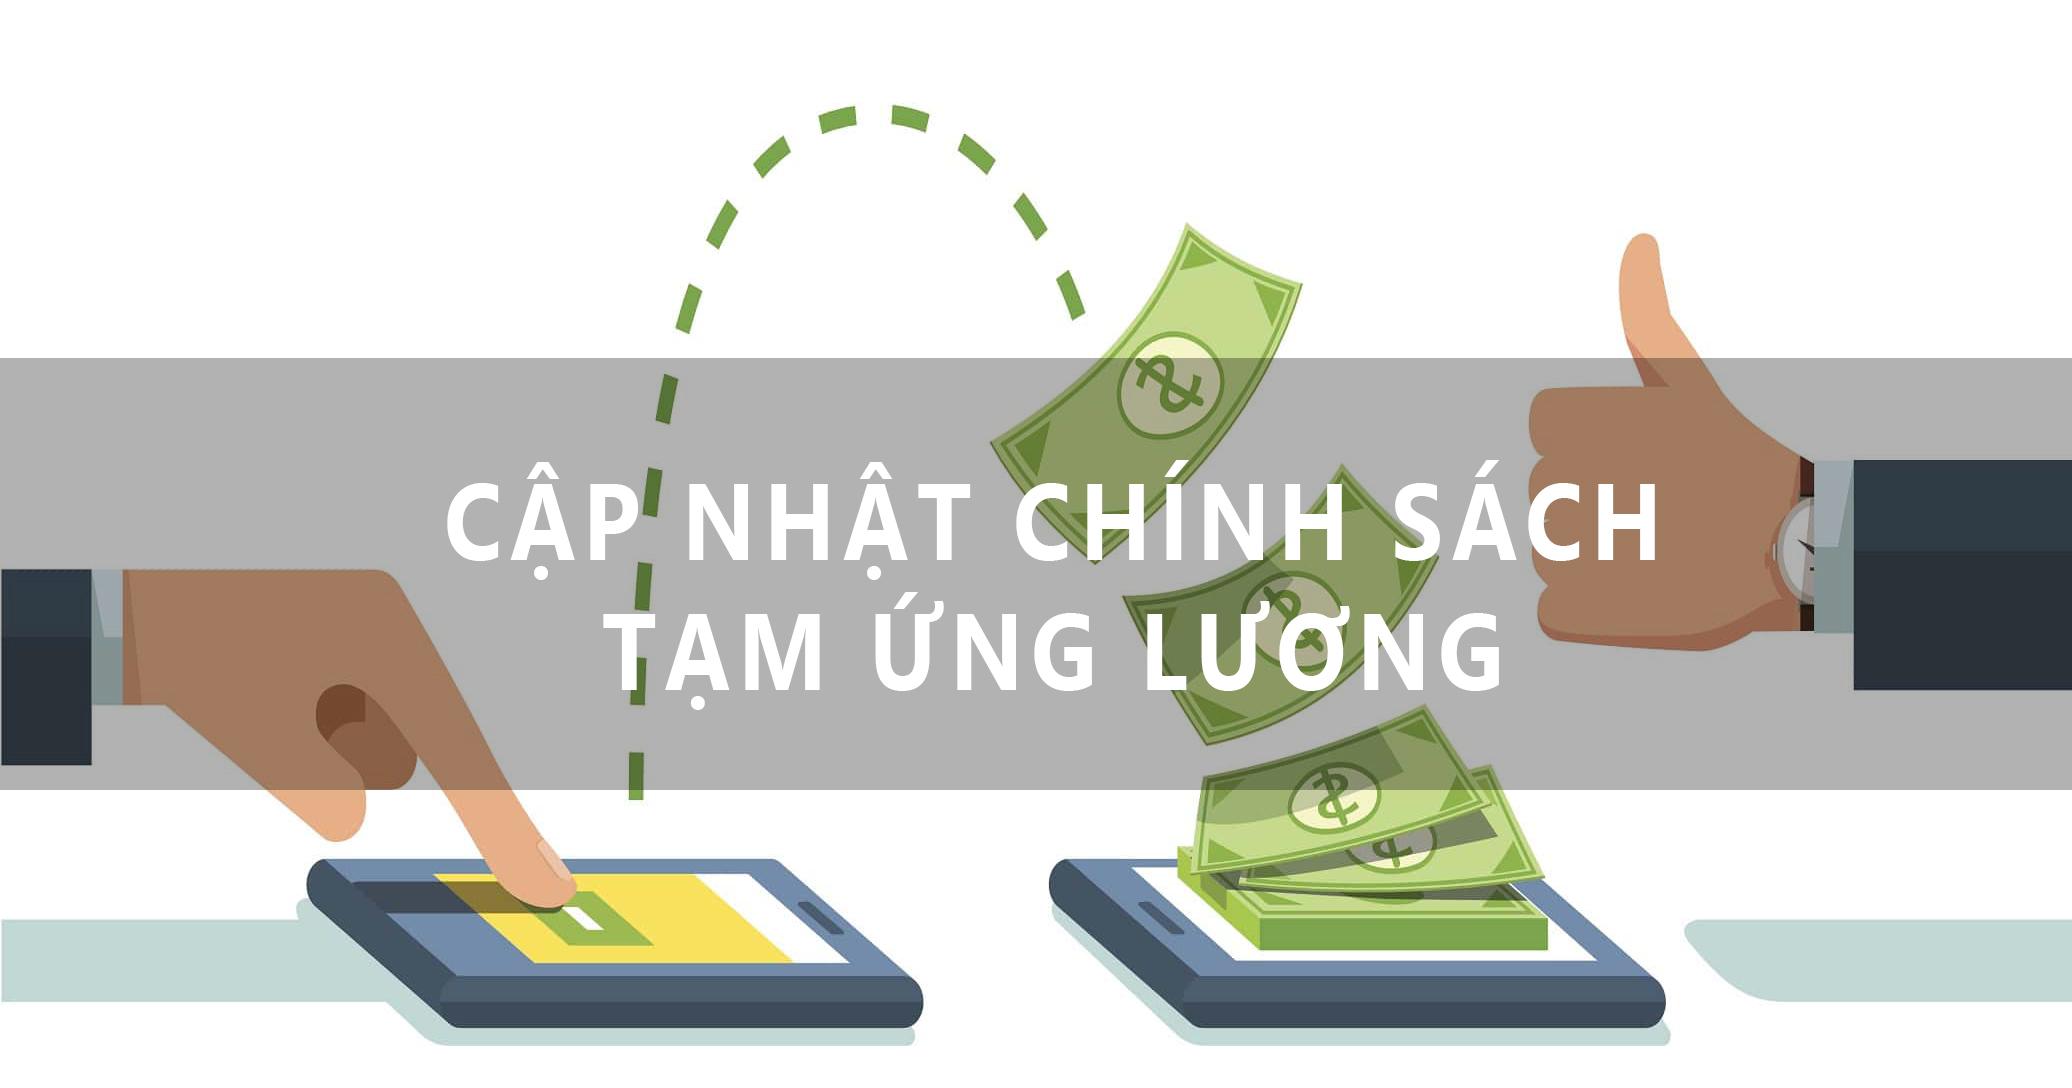 Nghiệp vụ kế toán thanh toán tạm ứng